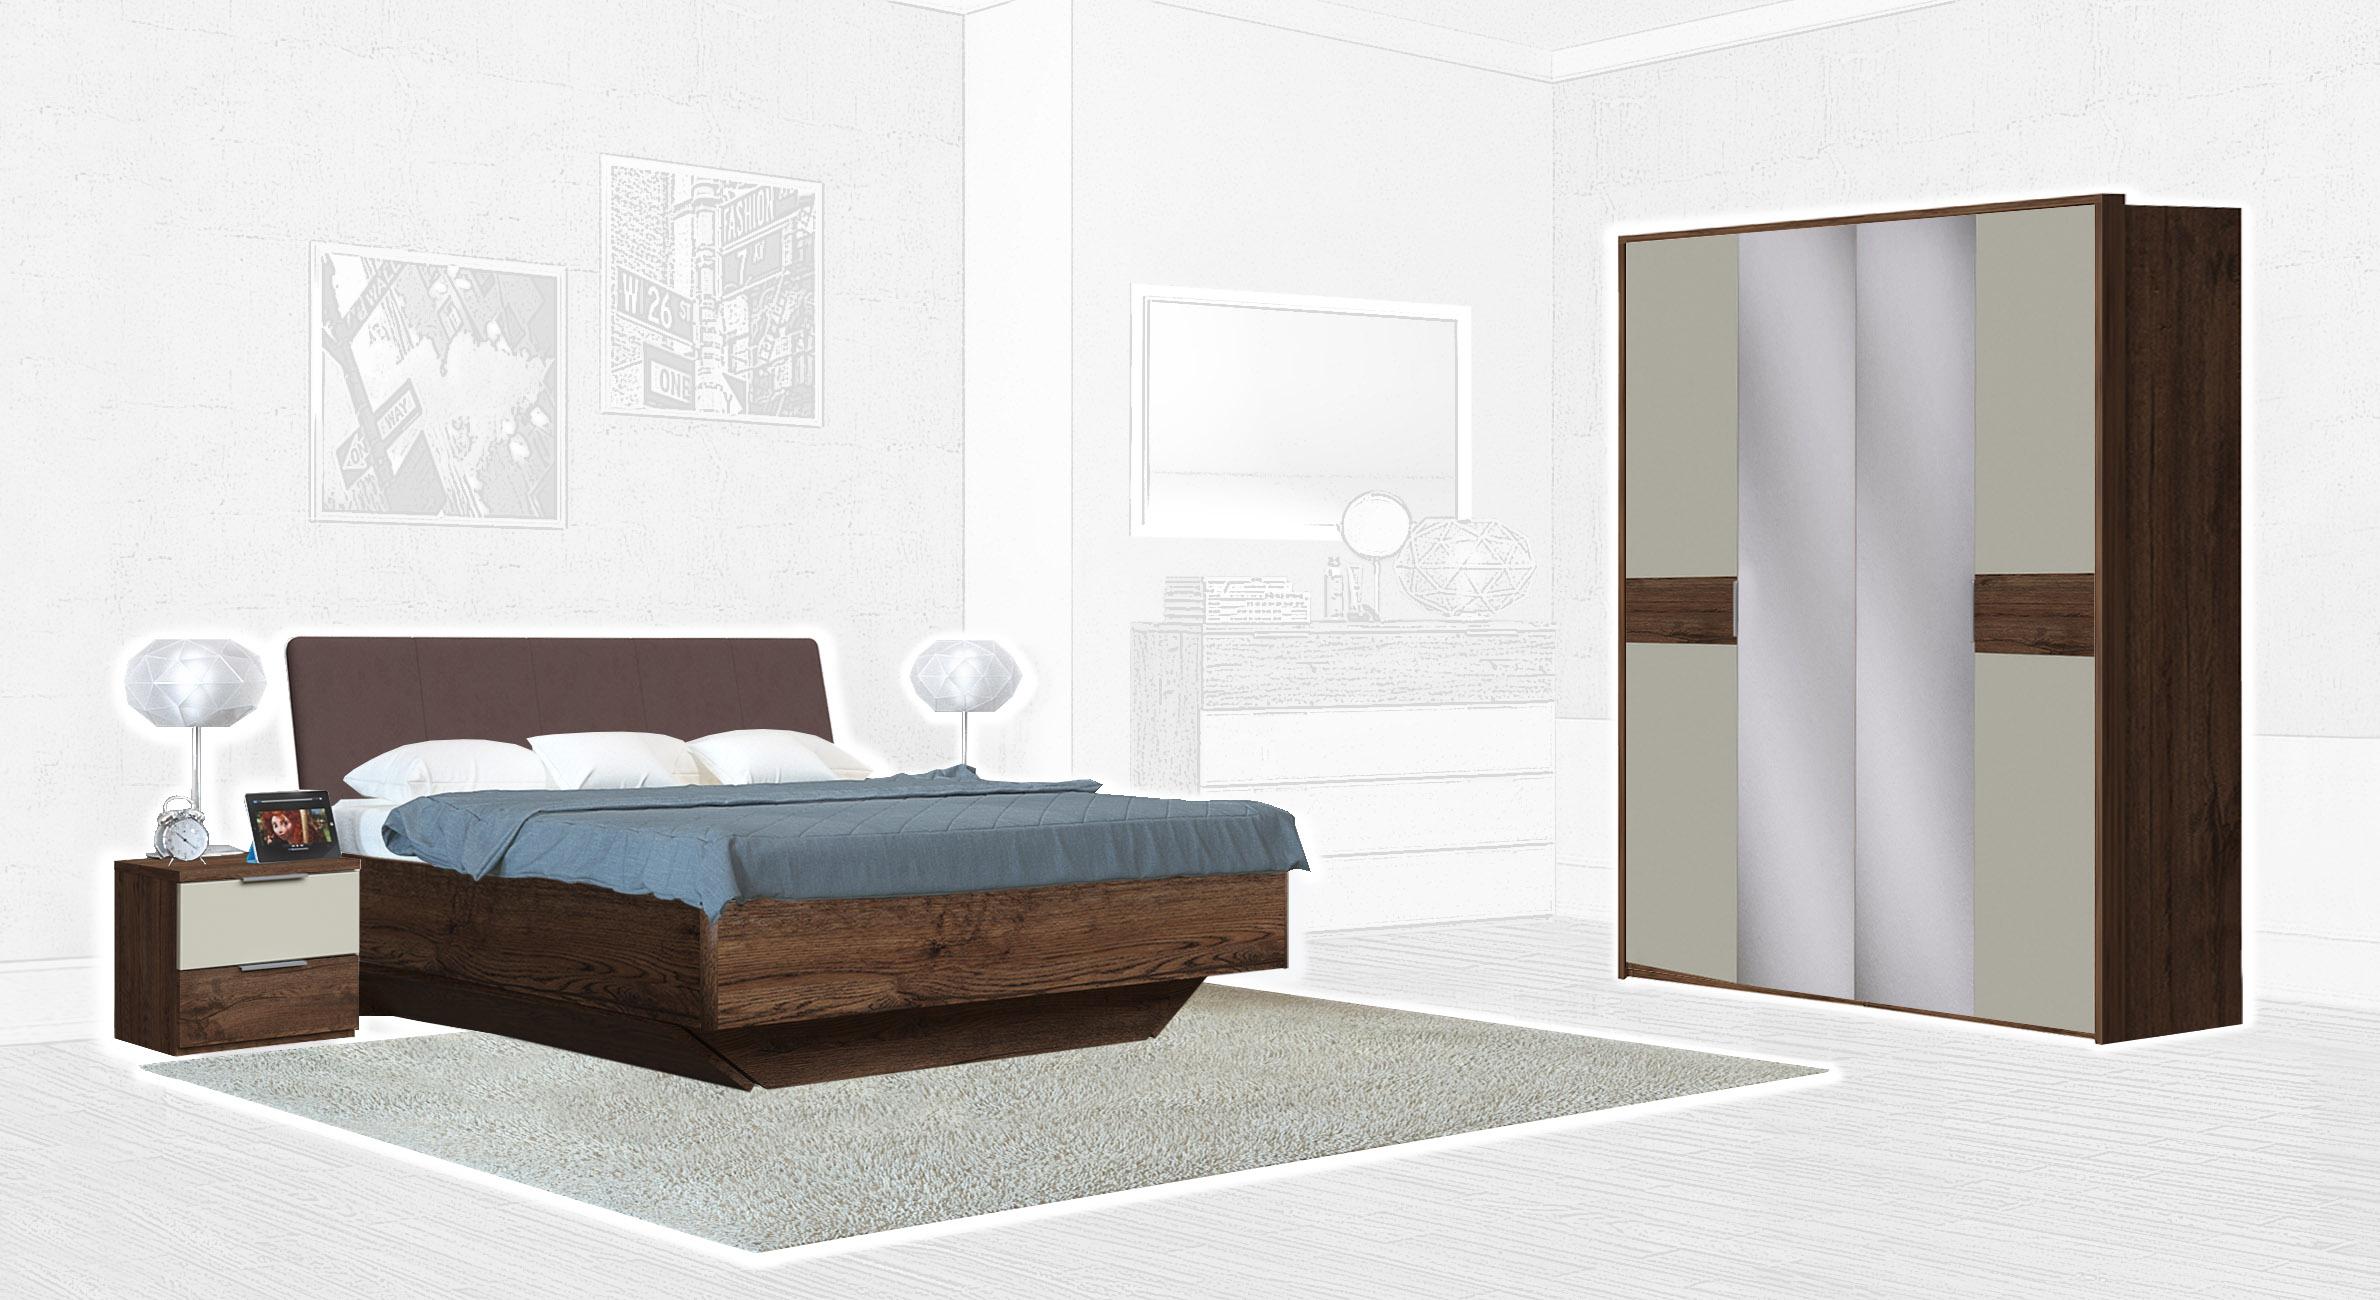 Спальня Интердизайн Тоскано темно-коричневый/бежевый (композиция 2)